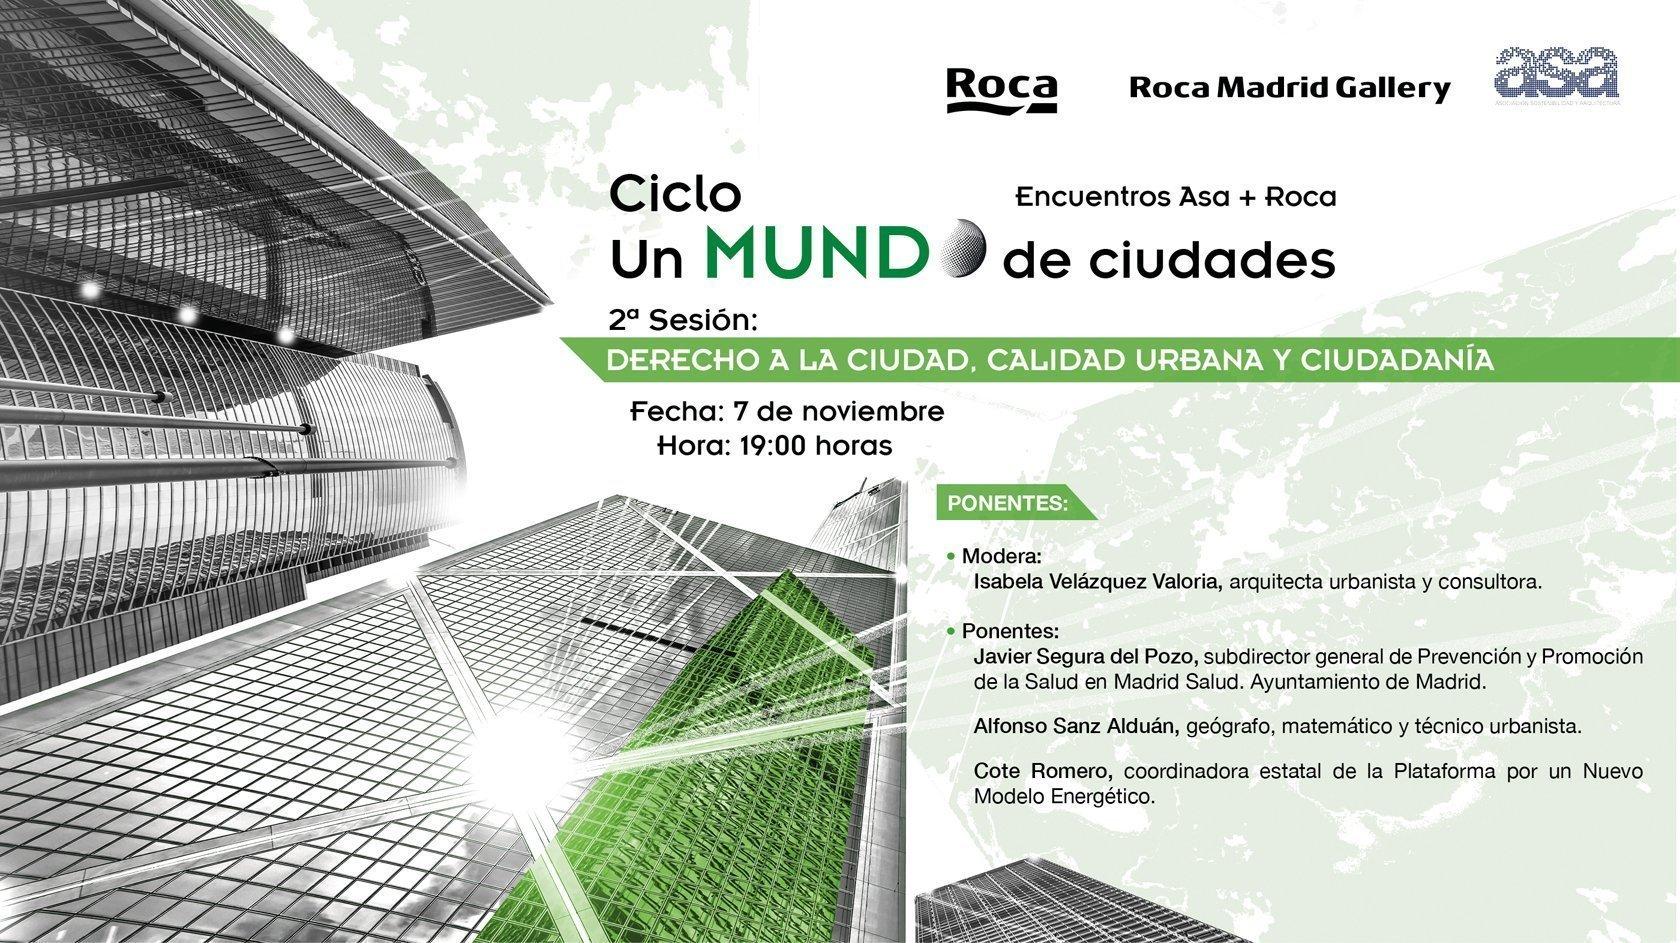 asa-blog-sostenibilidad-arquitectura-encuentros-asa-derecho-a-la-ciudad